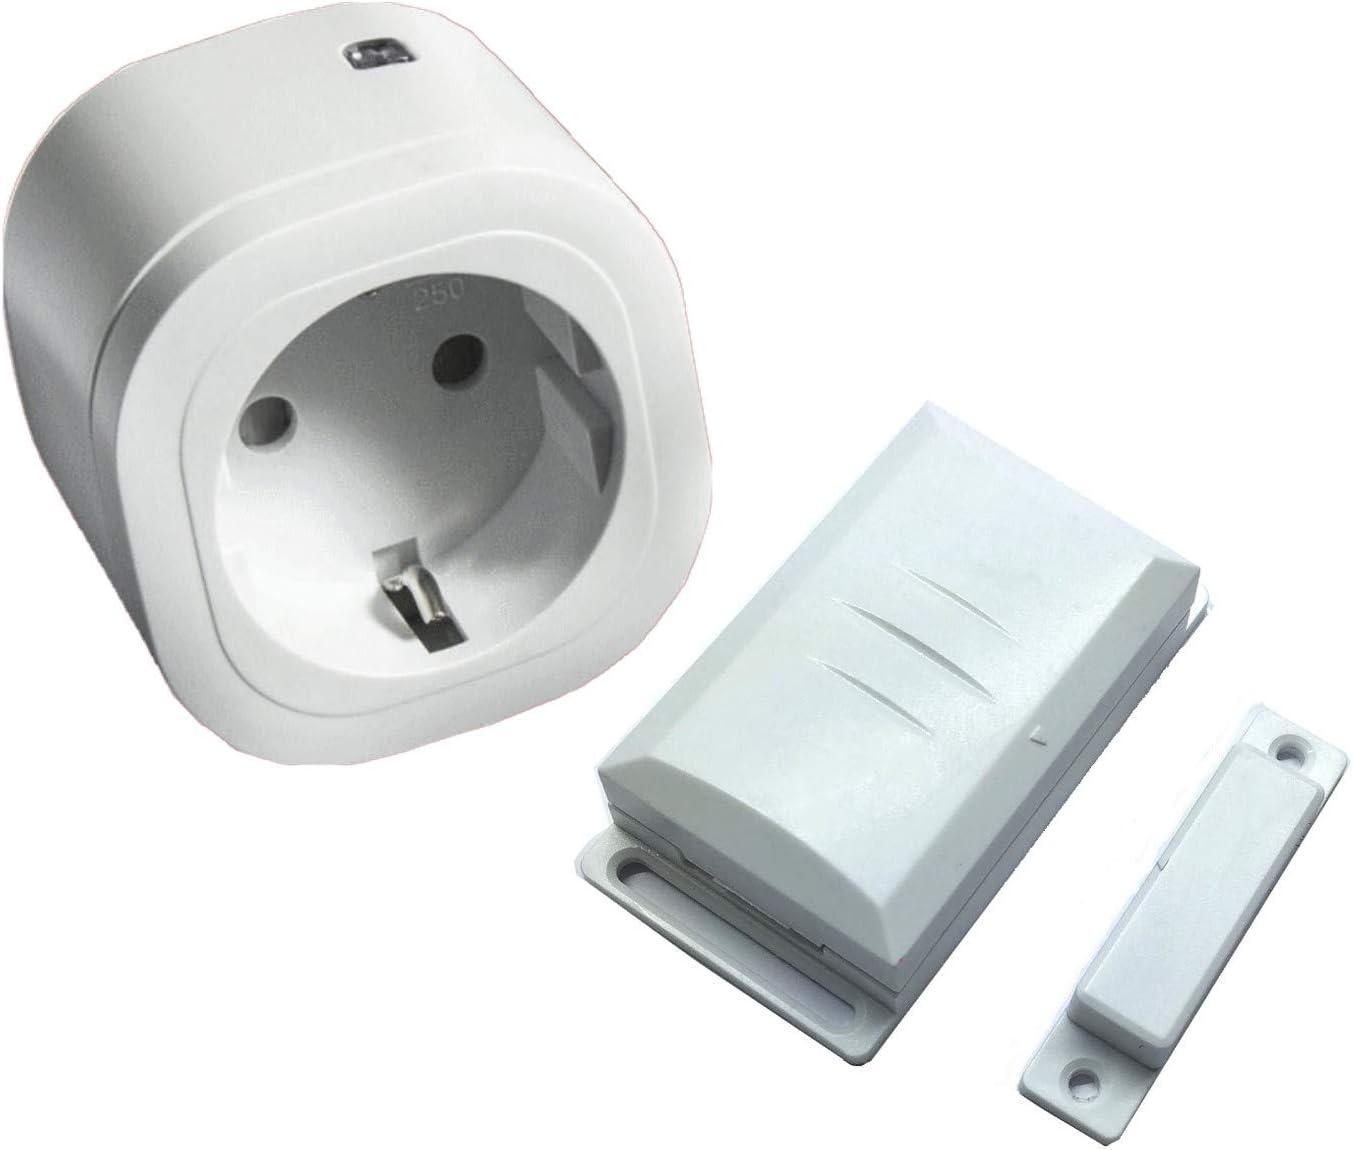 Intertechno-control de escape-juego de 1500 W mando-enchufe ITR-1500 y ventanas sensor DFM-1000: Amazon.es: Bricolaje y herramientas